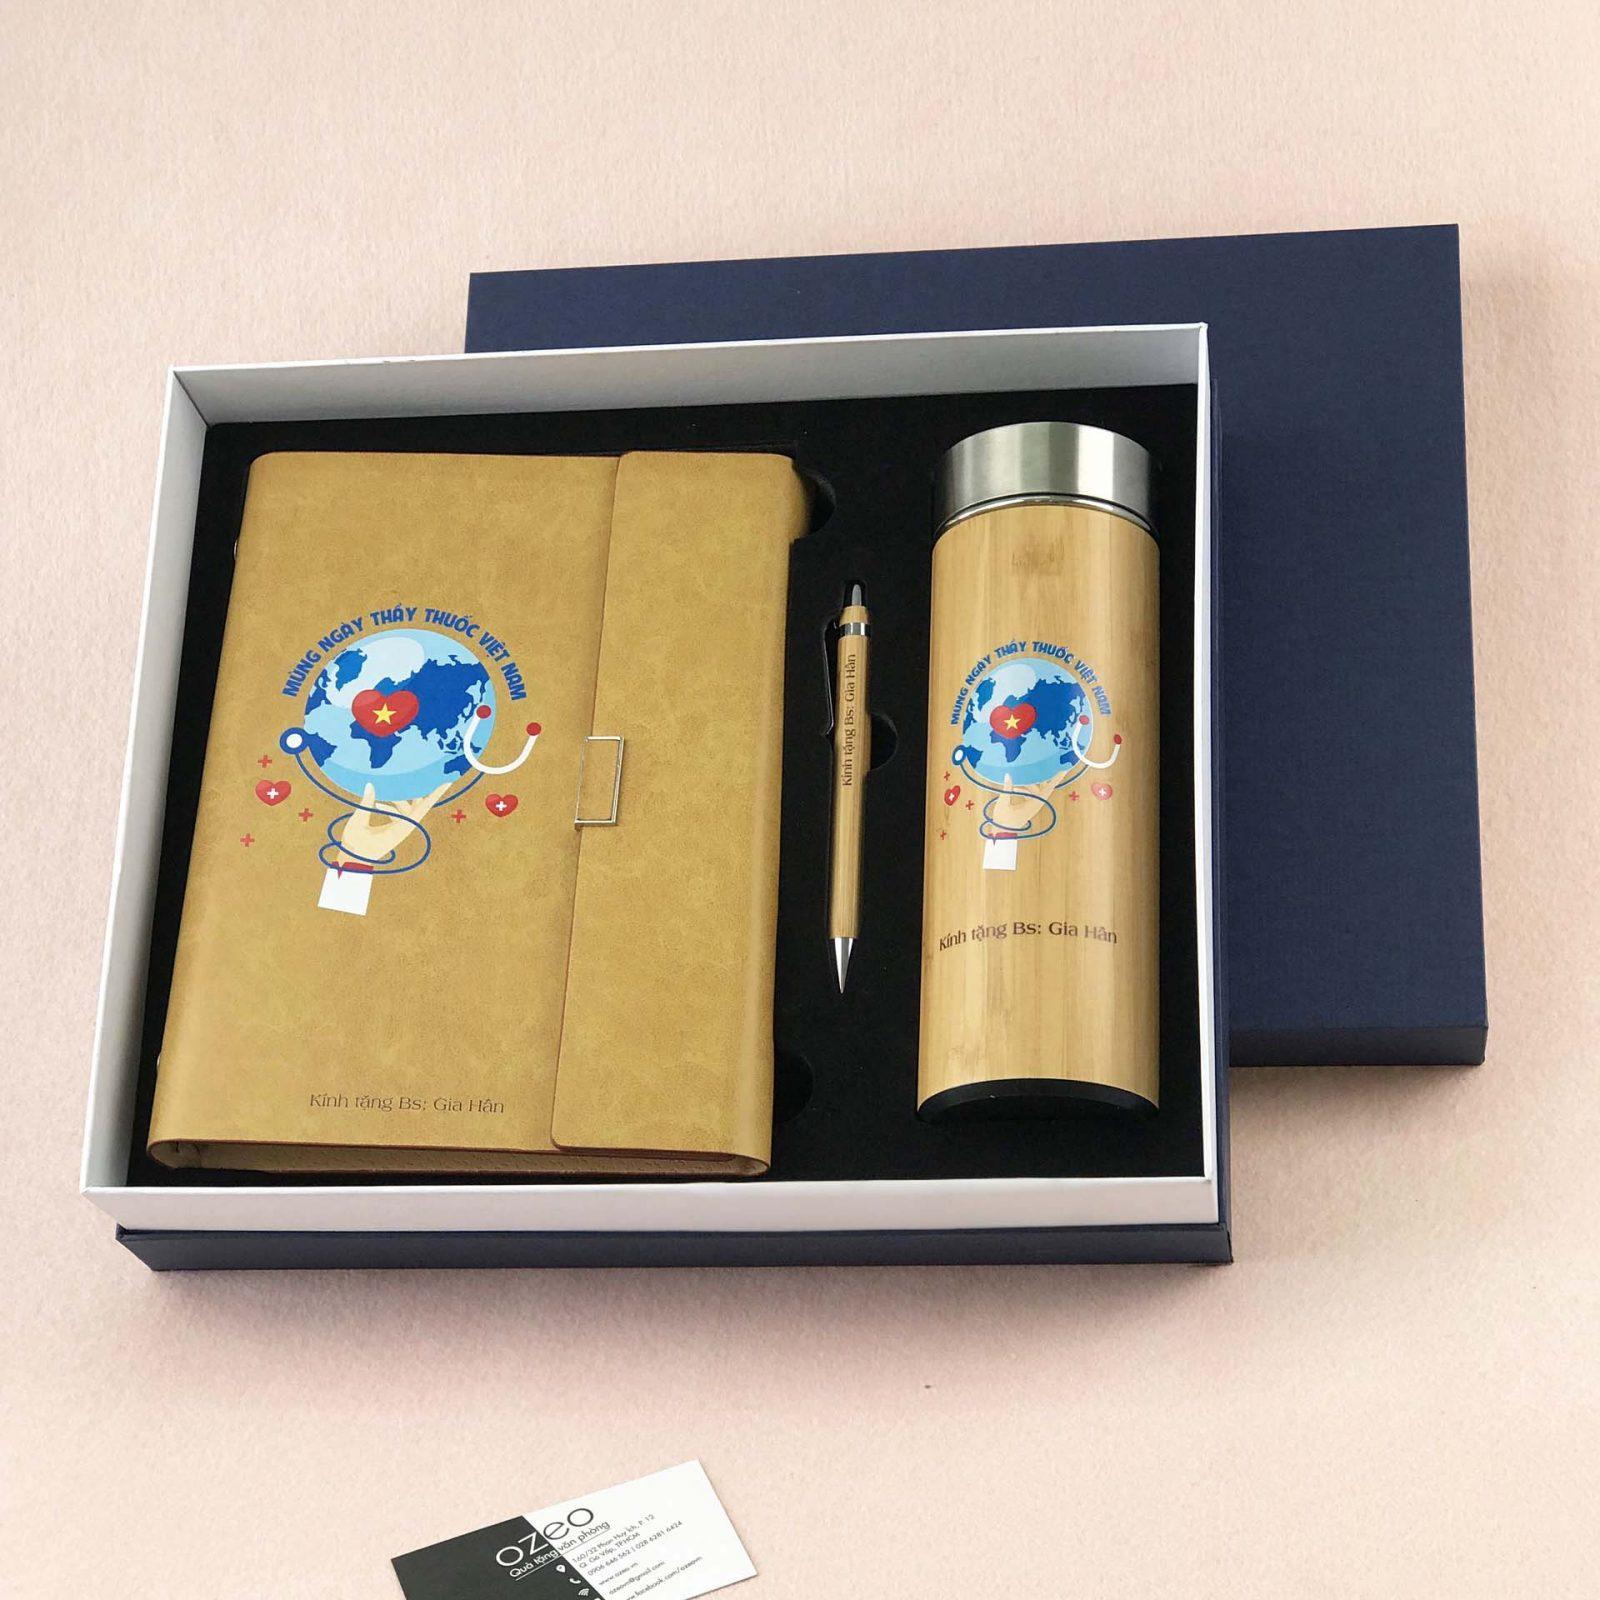 Bộ quà tặng bác sĩ gồm sổ kèm bút và bình giữ nhiệt in ấn theo thiết kế có sẵn - mẫu CBQTBS-T01